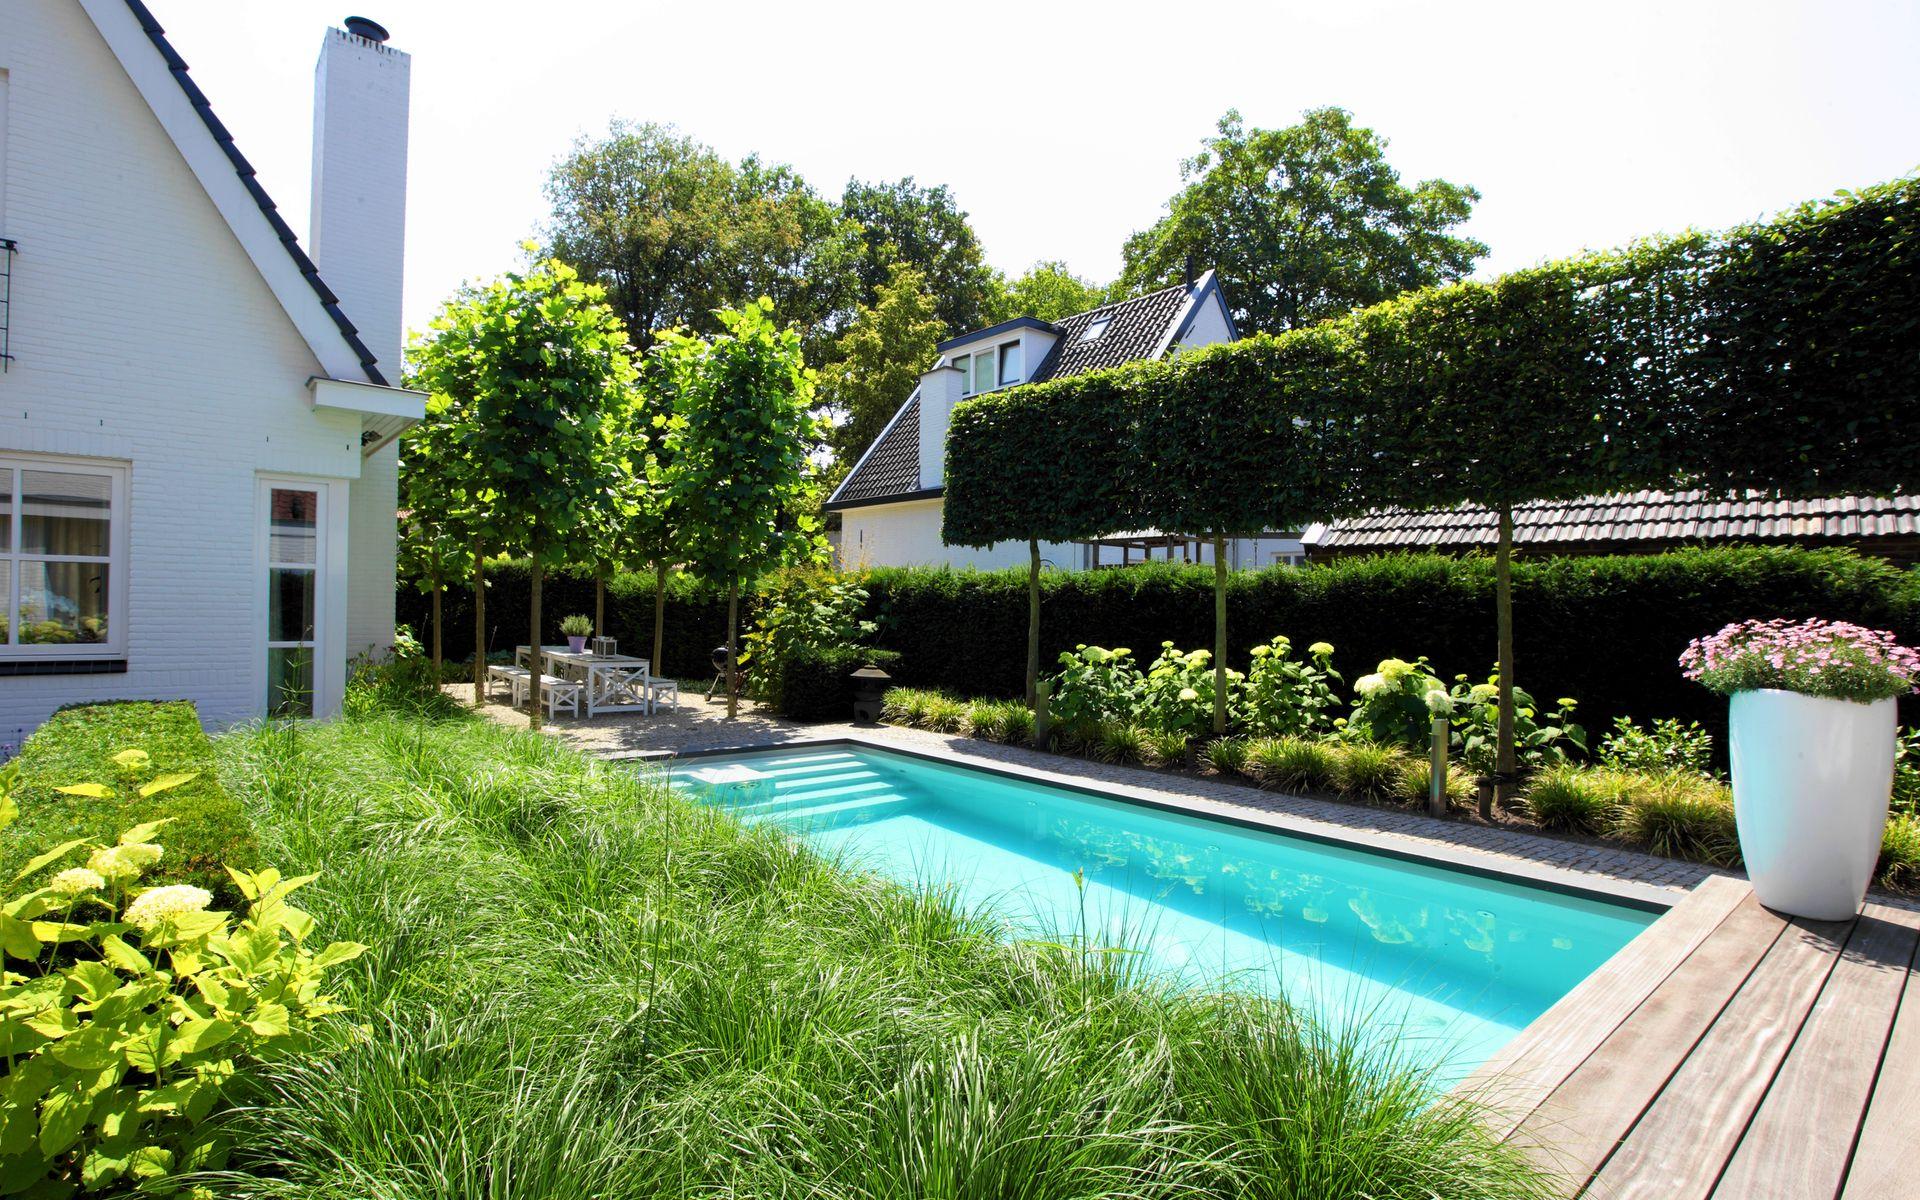 Moderne tuin met zwembad vlonder leibomen schaduwterras platanen split ogr d nowoczesny - Tuin met zwembad design ...